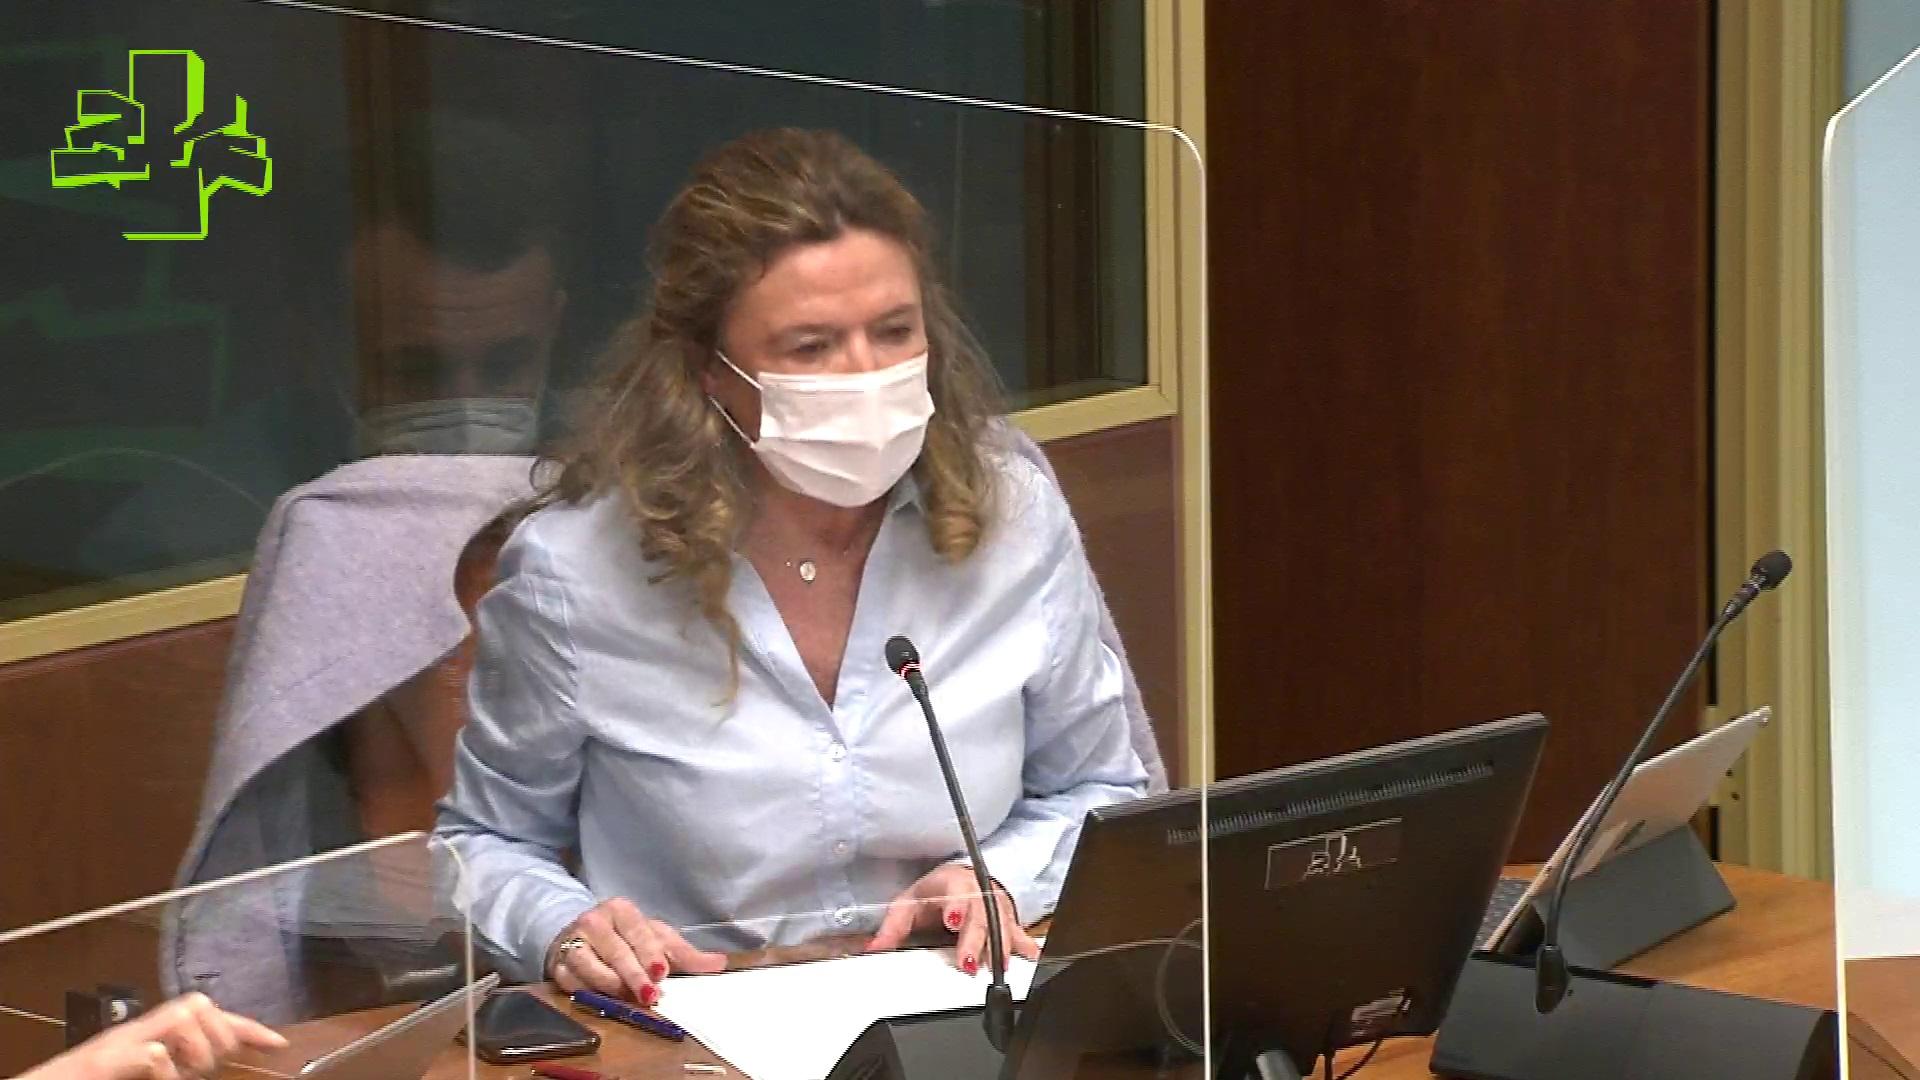 Comisión de Salud: iniciada la vacunación con Astra Zéneca en Euskadi [131:47]